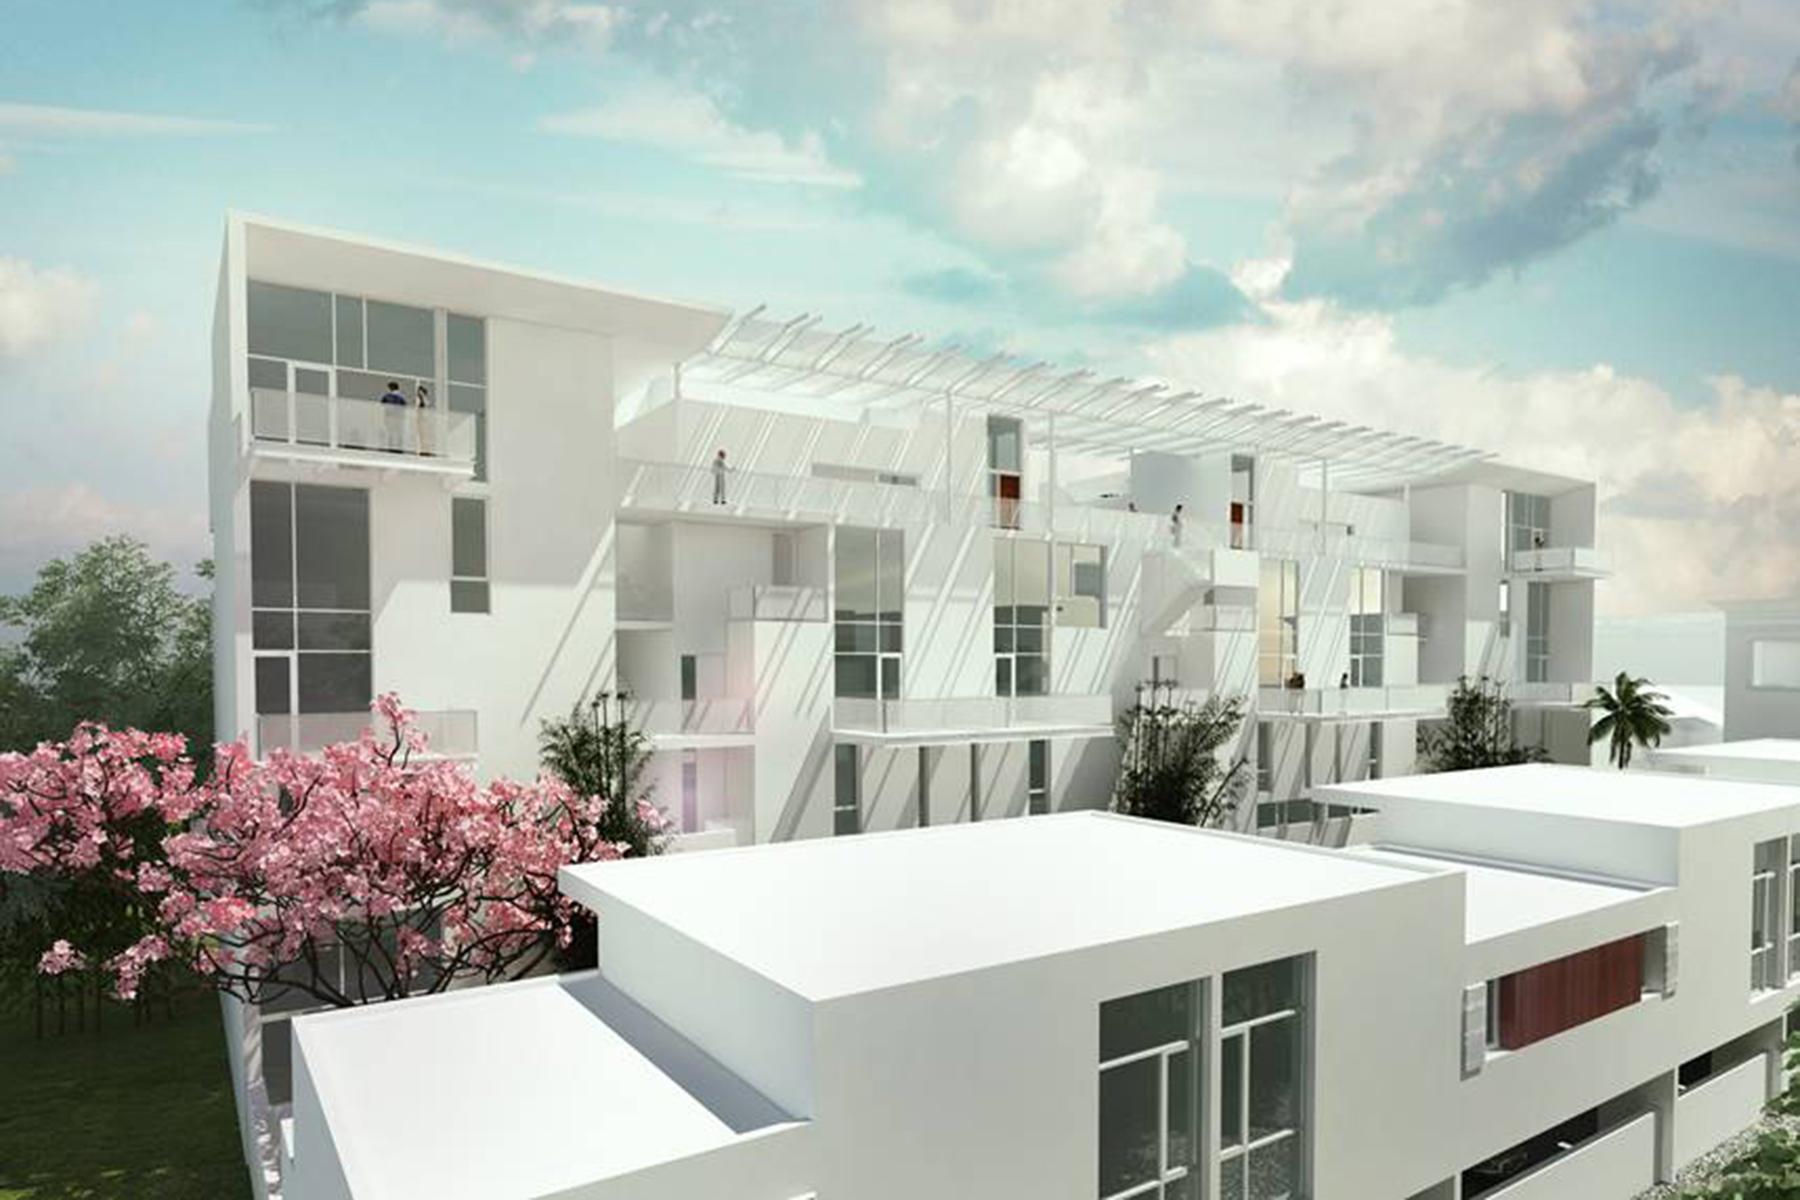 Appartement en copropriété pour l Vente à RISDON ON 5TH 1350 5th St 103 Rosemary District, Sarasota, Florida, 34236 États-Unis